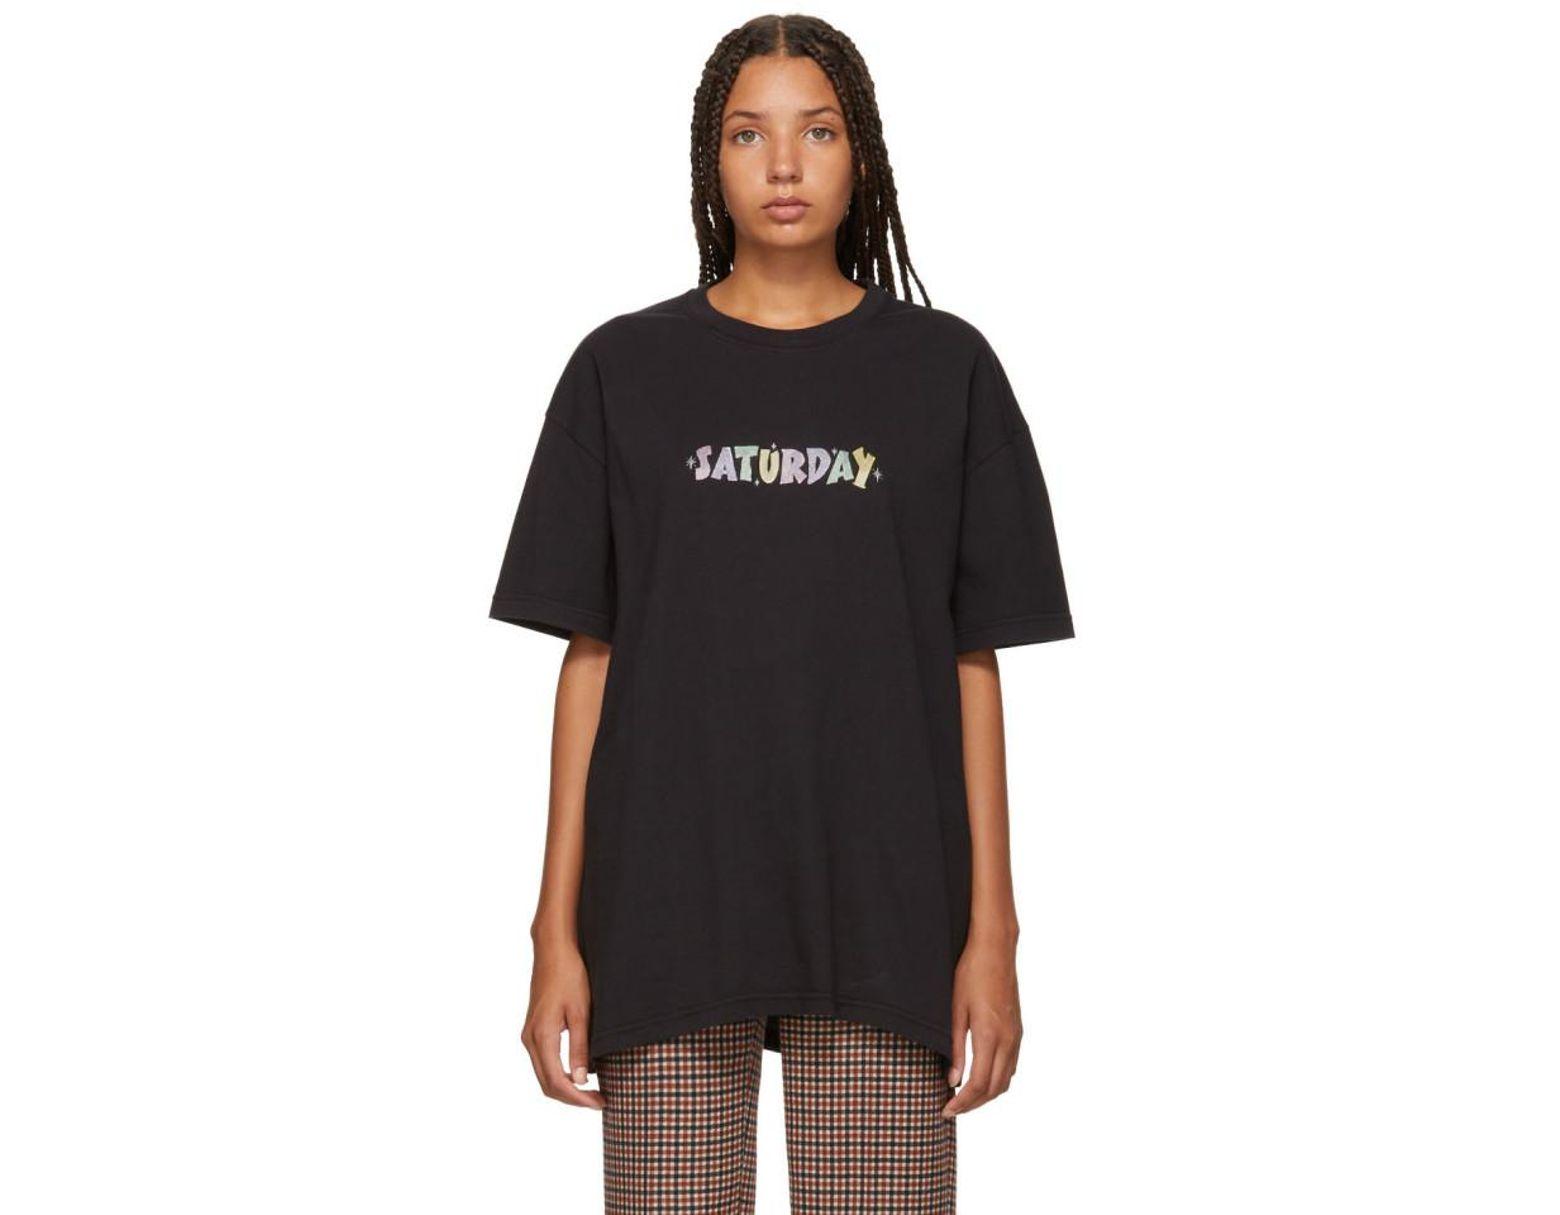 5e5b535b Vetements Black Saturday Weekday T-shirt in Black - Save 54% - Lyst